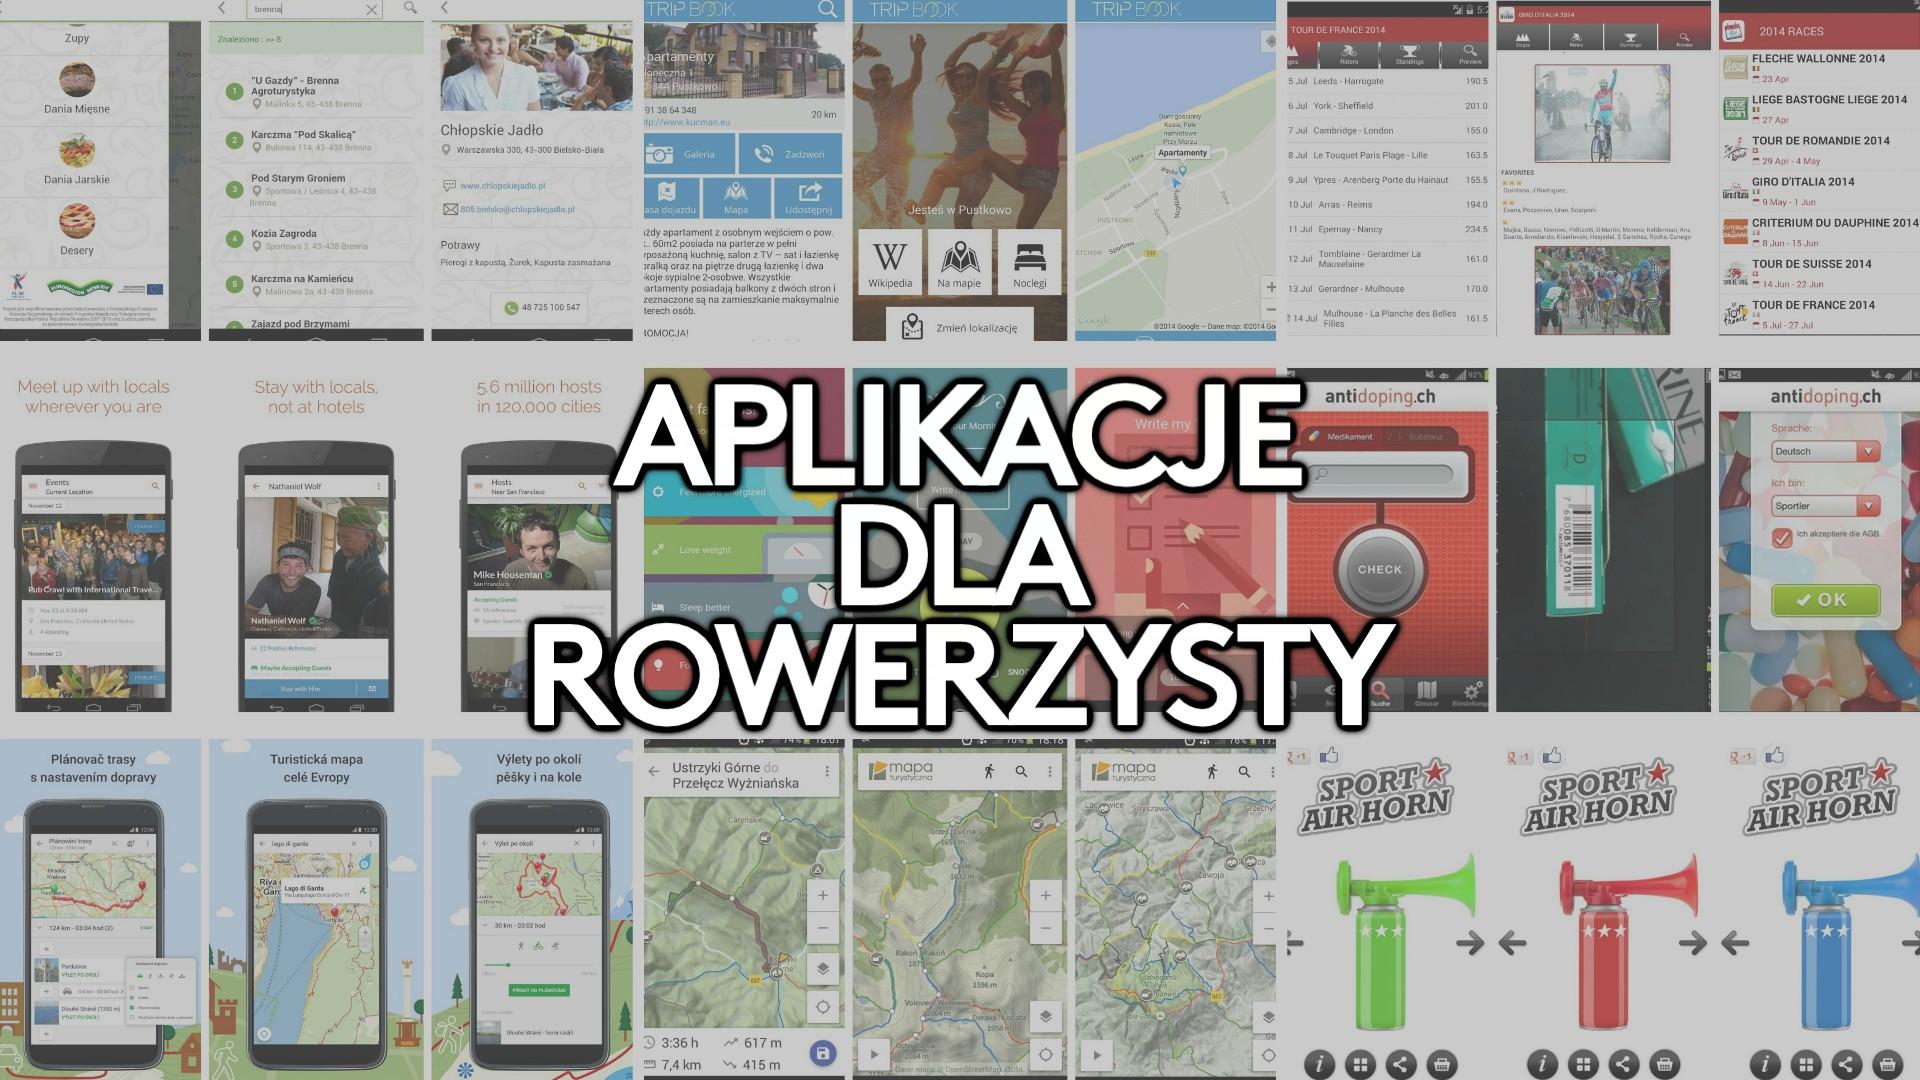 Aplikacje na smartfona przydatne dla rowerzysty #2